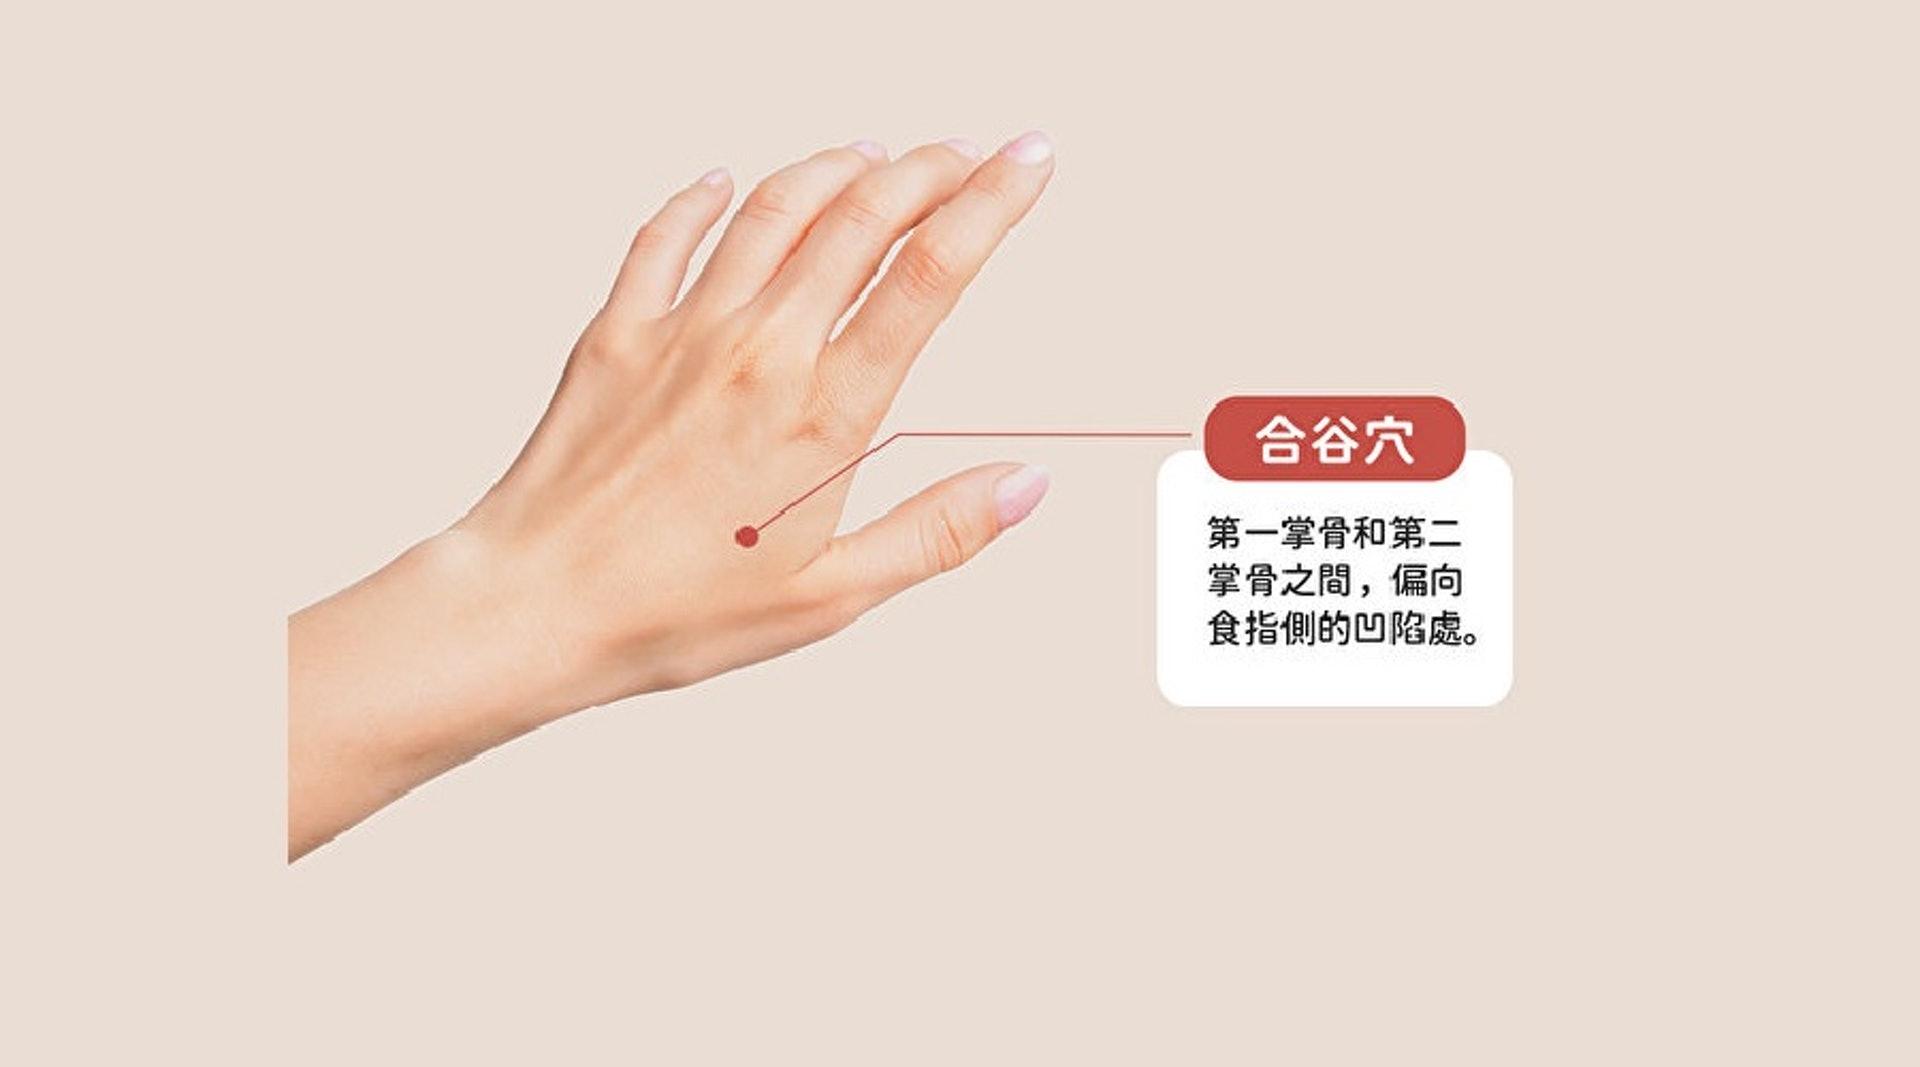 「合谷穴」位於虎口,按壓有助緩解濕氣造成的頭痛及精神不濟,同時有清熱及通便作用。但注意合谷穴可促進子宮收縮,因此孕婦忌按。(圖片:epochtimes)